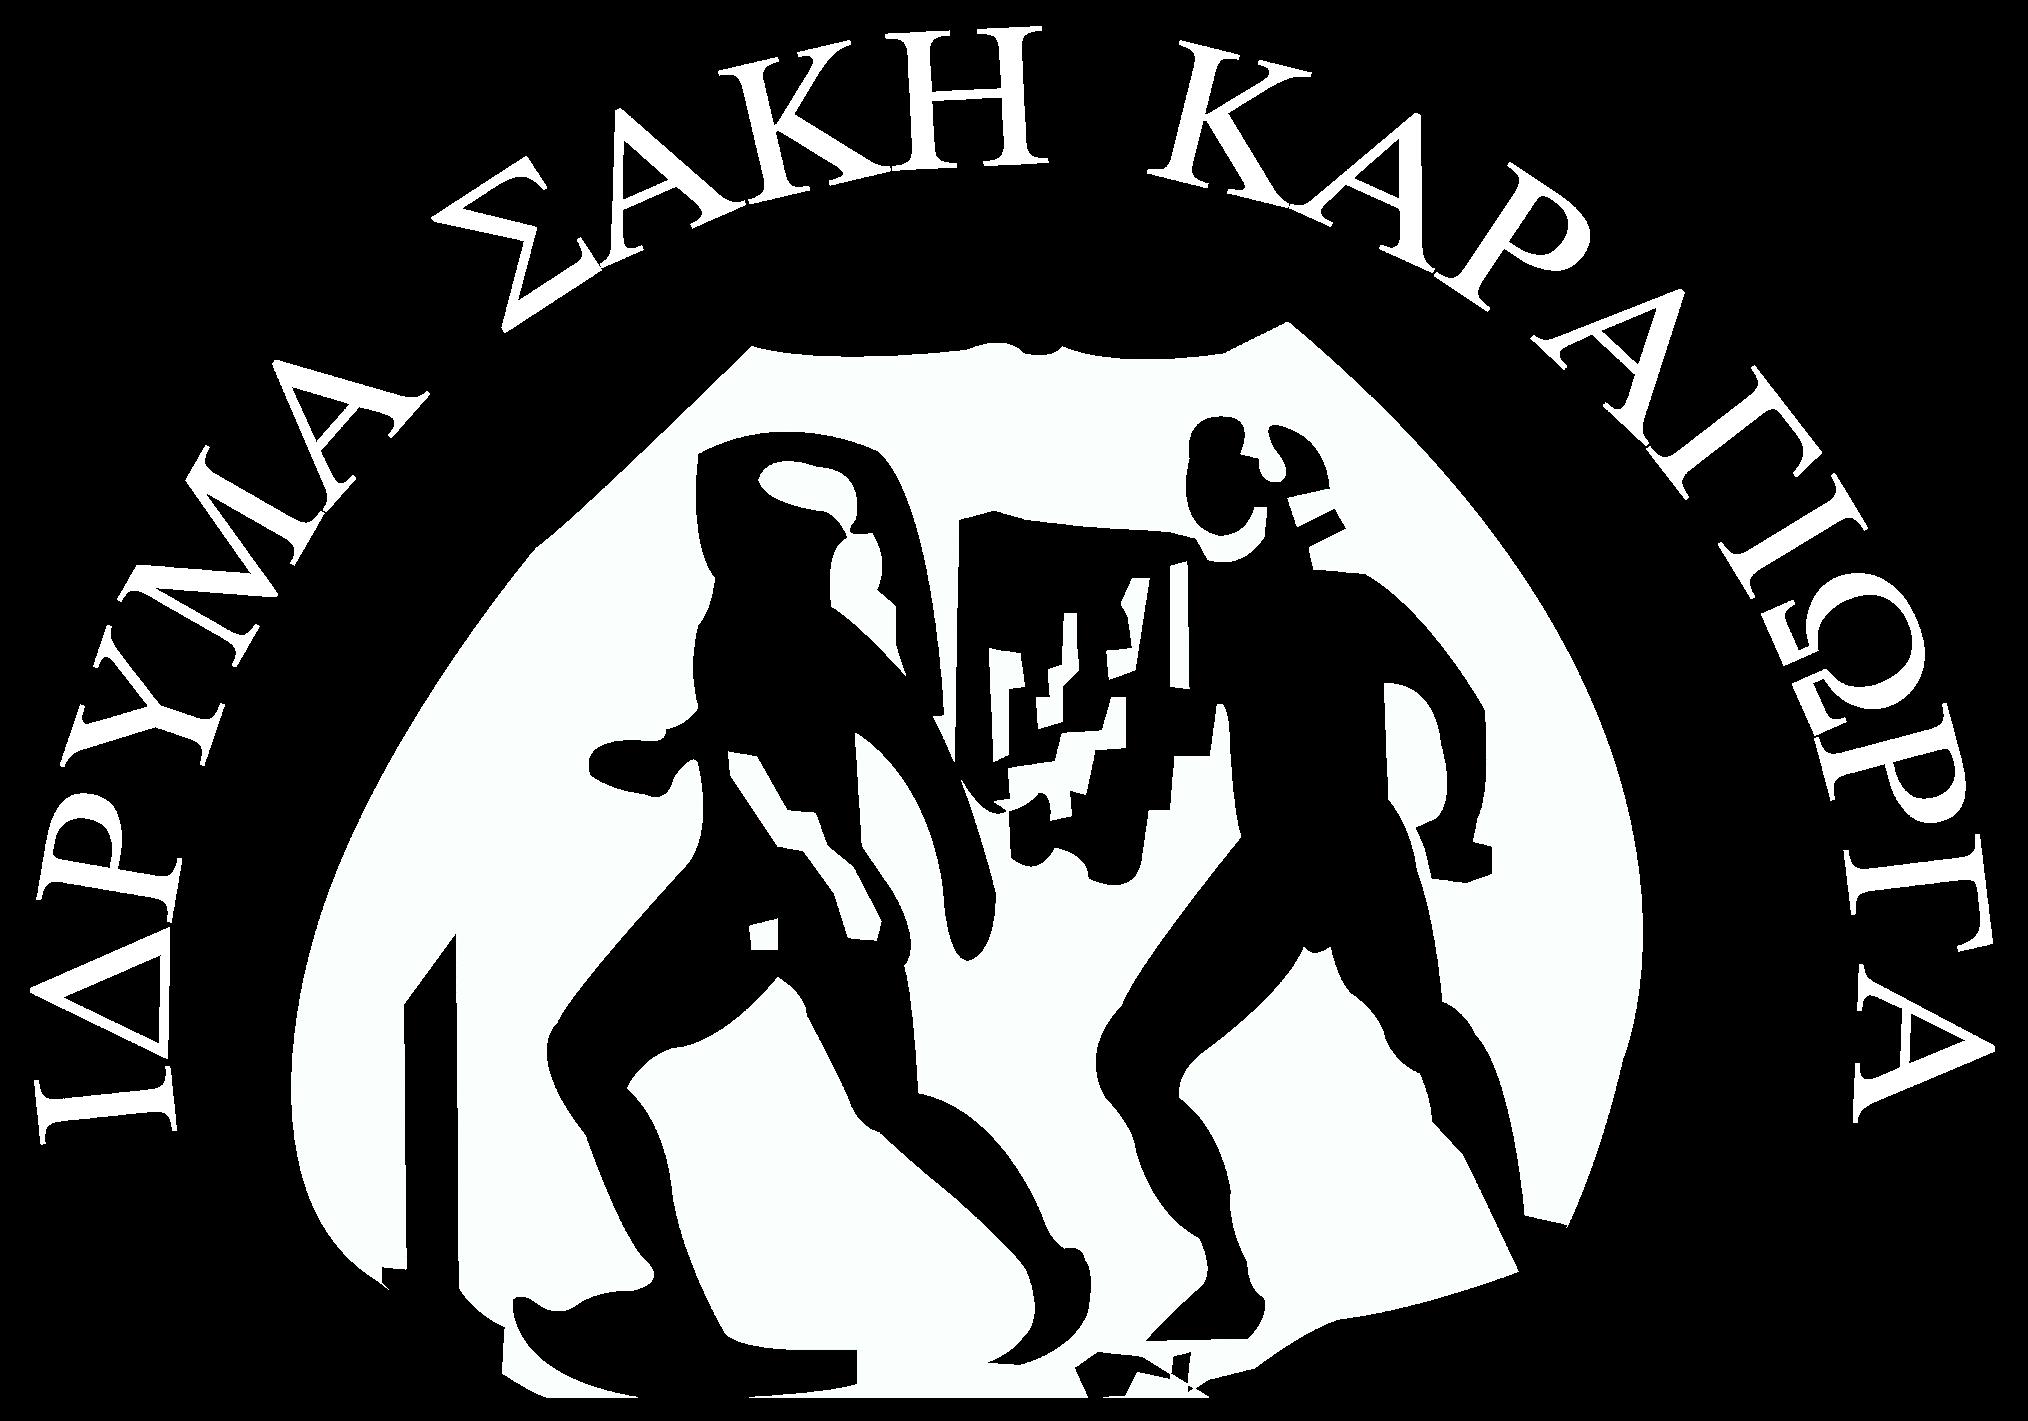 Sakis Karagiorgas Foundation